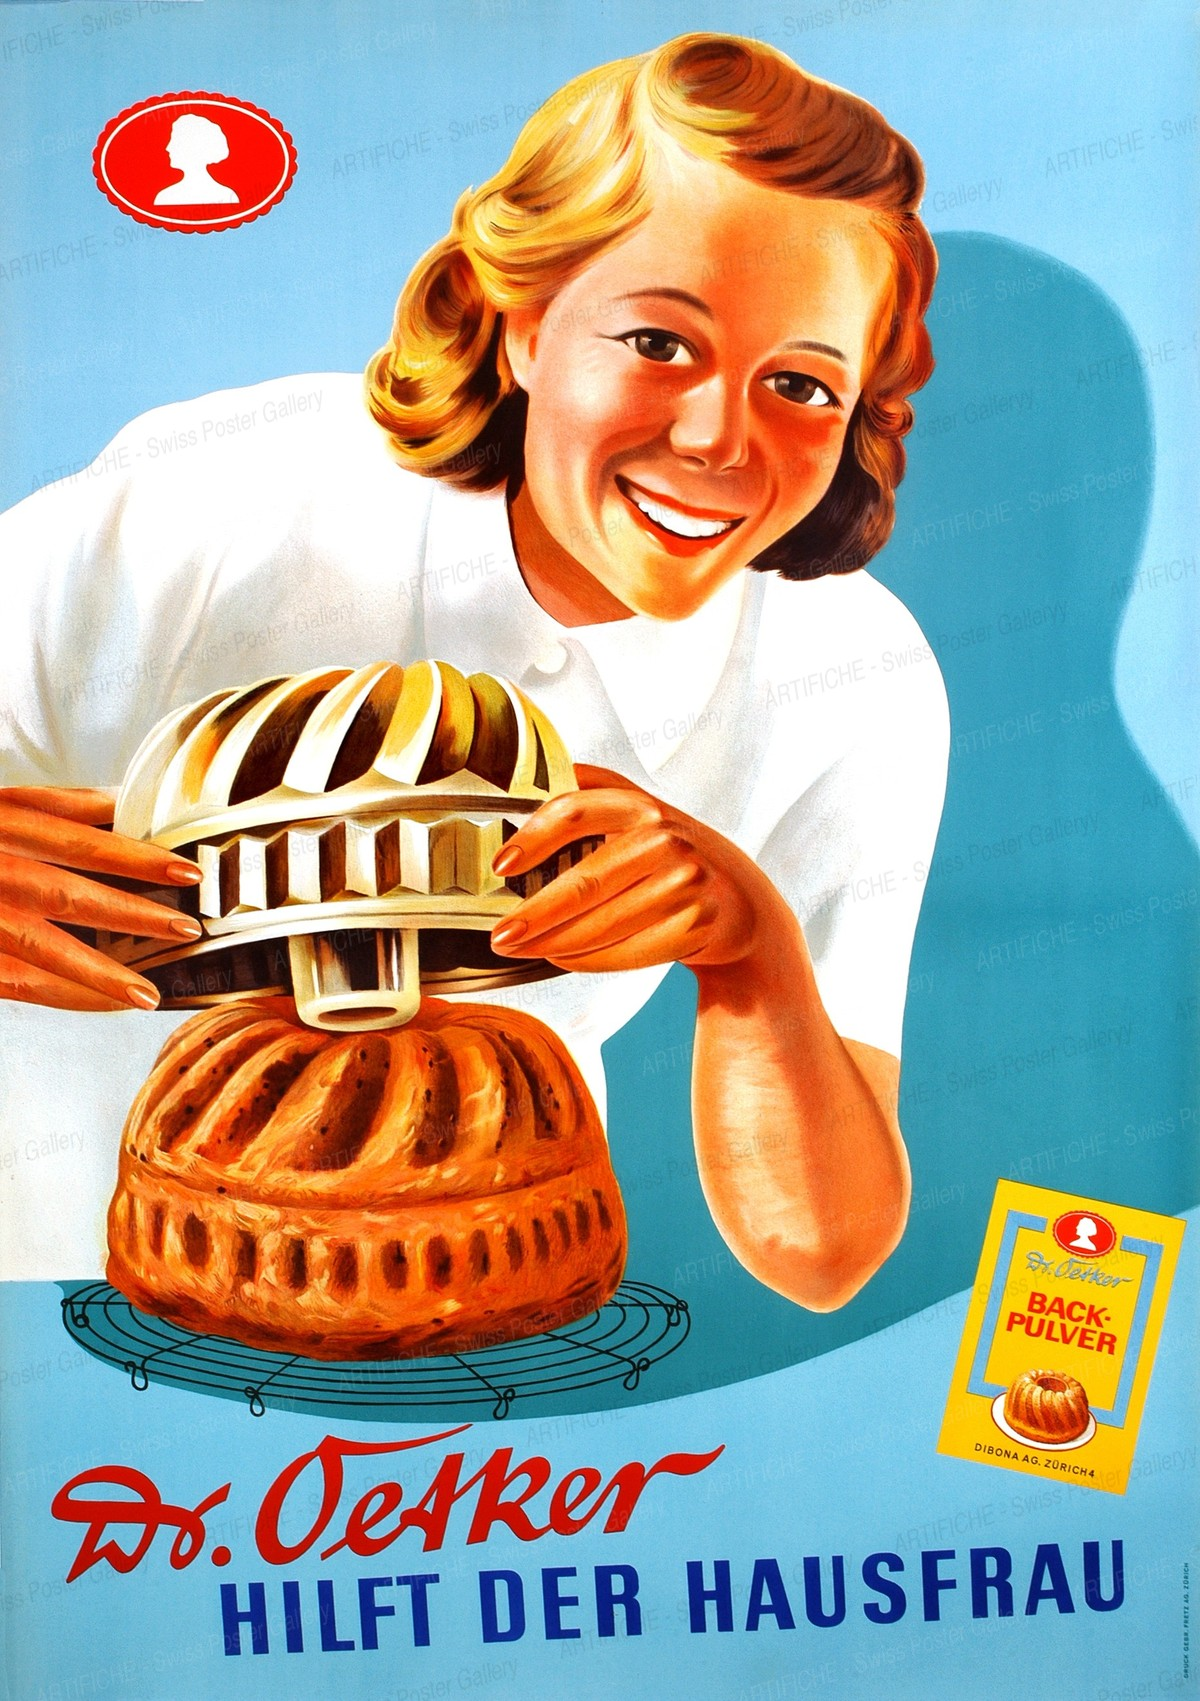 Dr. Oetker – Crème – Hilft der Hausfrau, Leo Keck